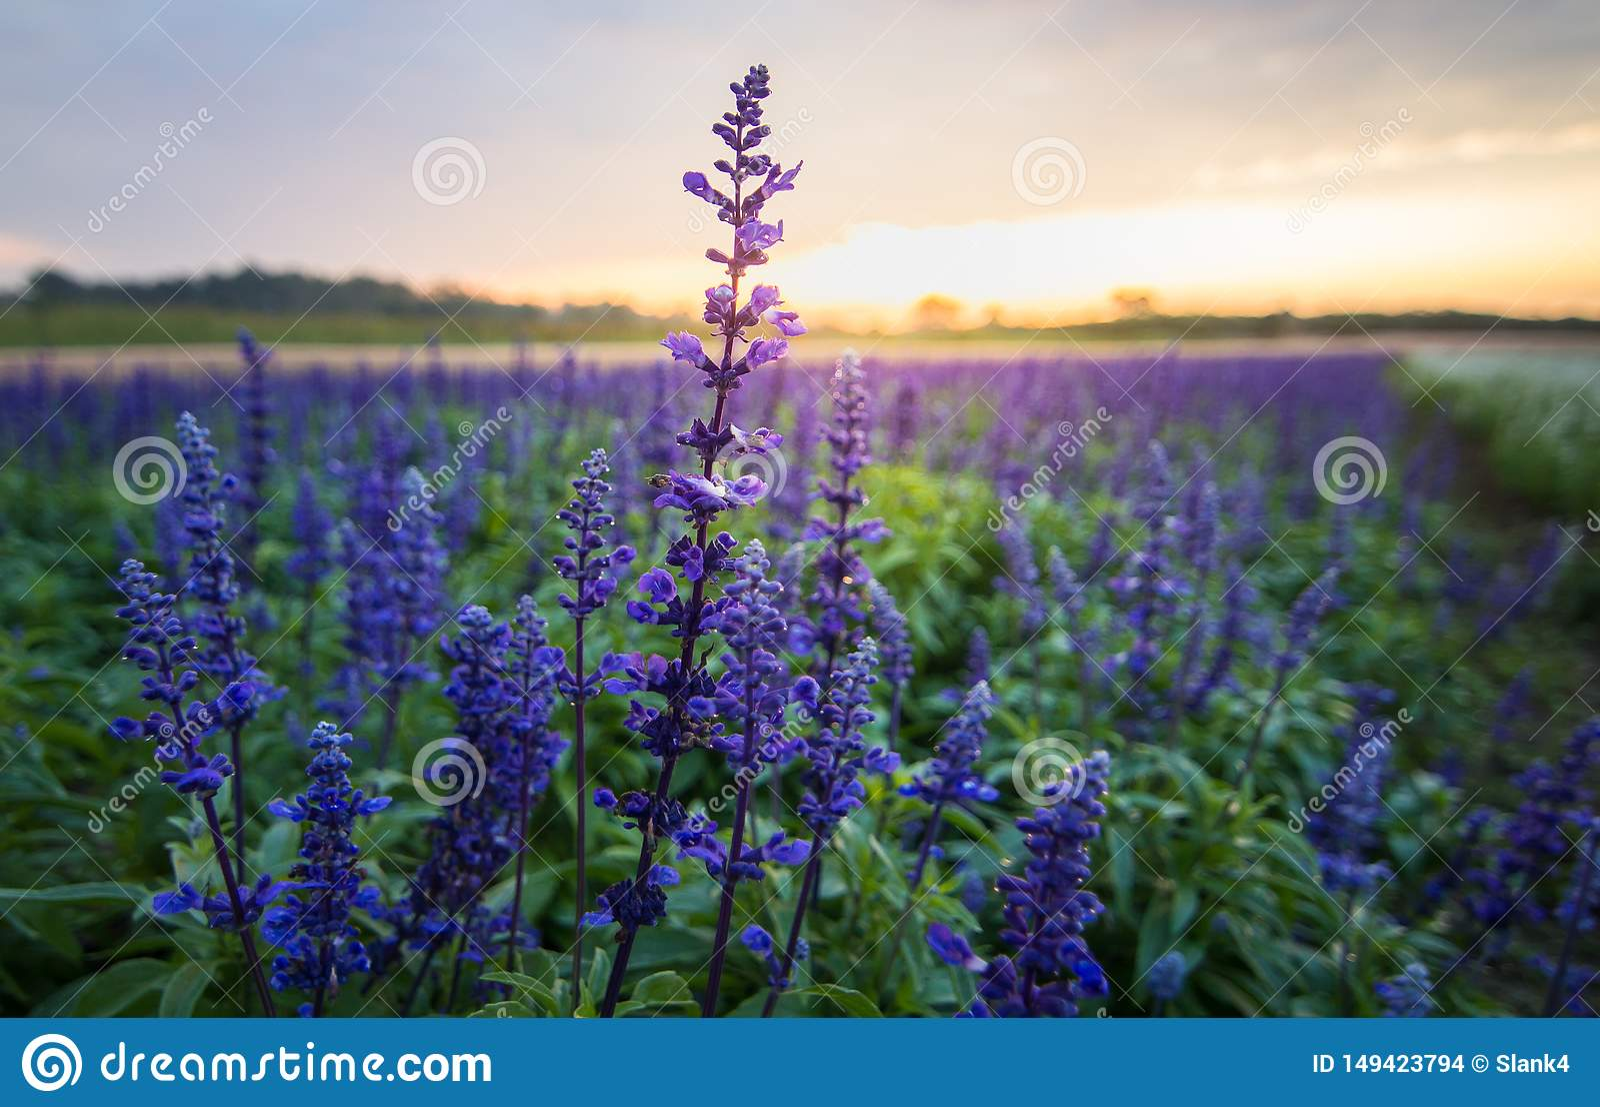 Flor azul del salvia,